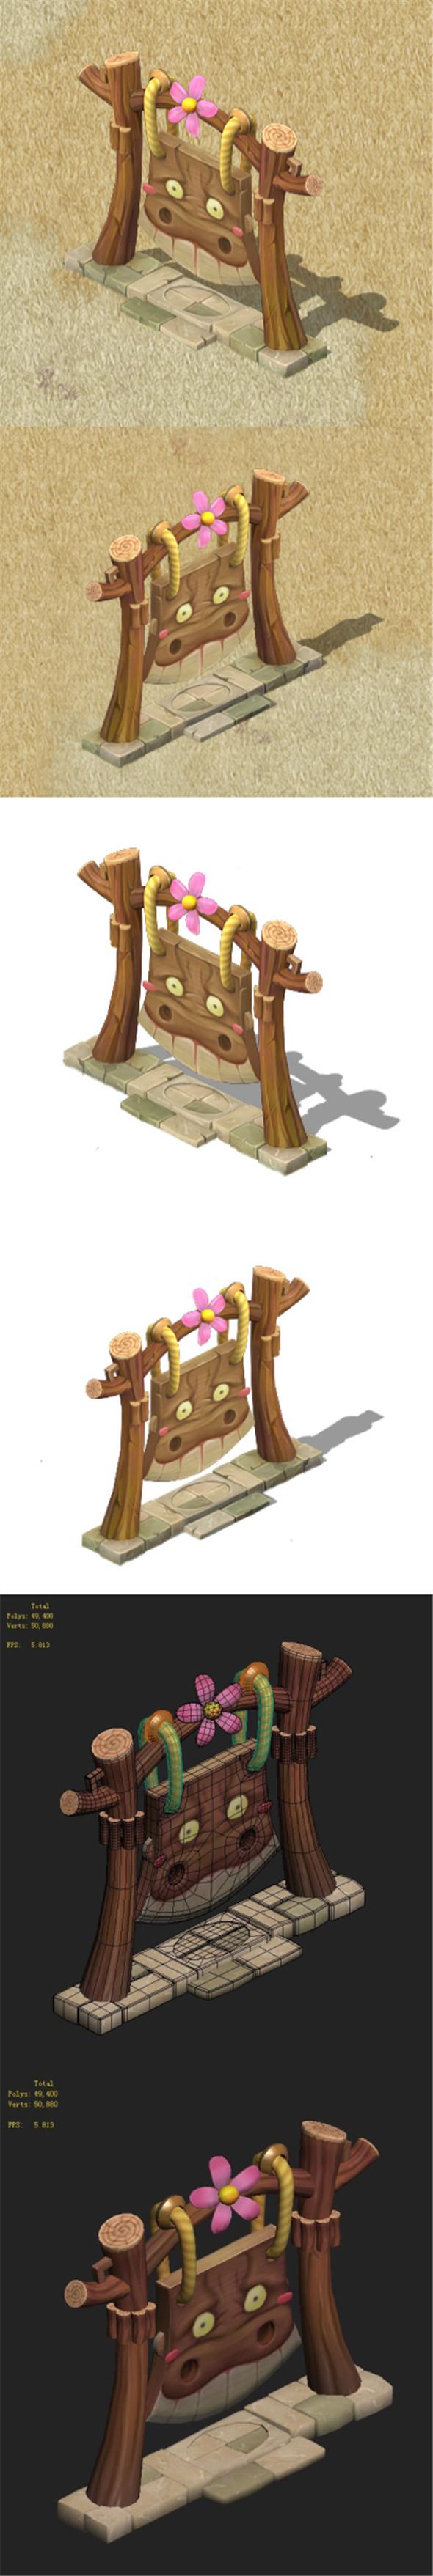 Cartoon version - shame shame echo board - 3DOcean Item for Sale